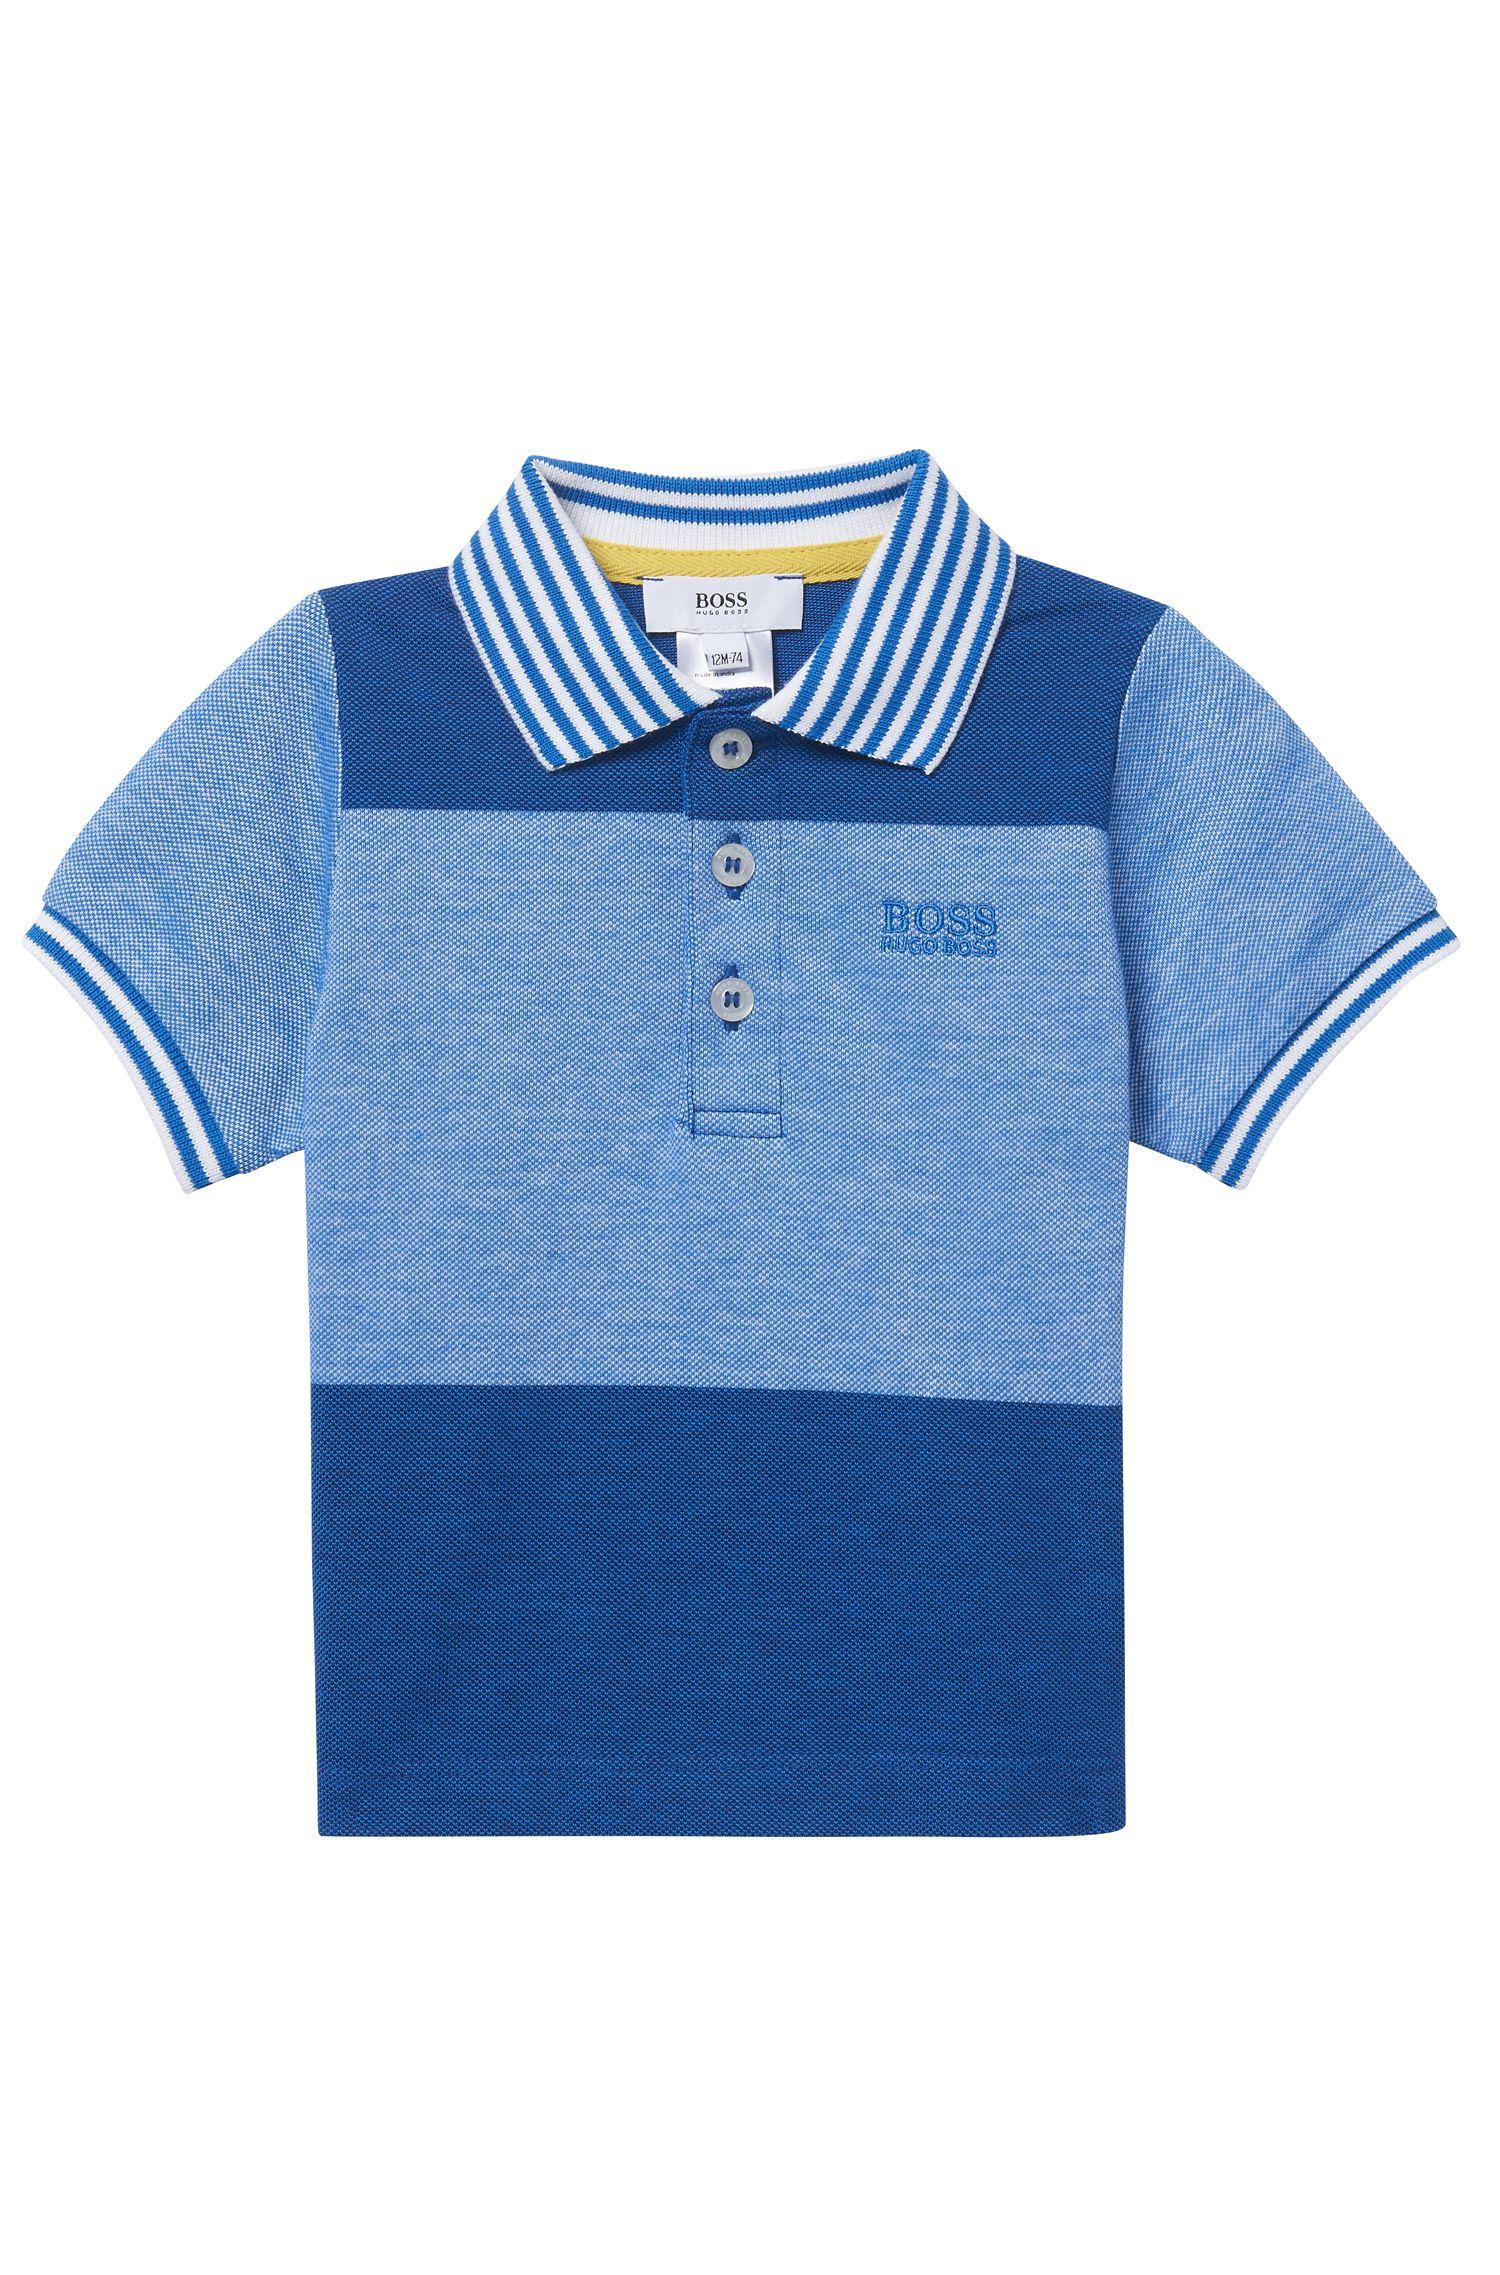 'J05495' | Toddler Stretch Cotton Pique Polo